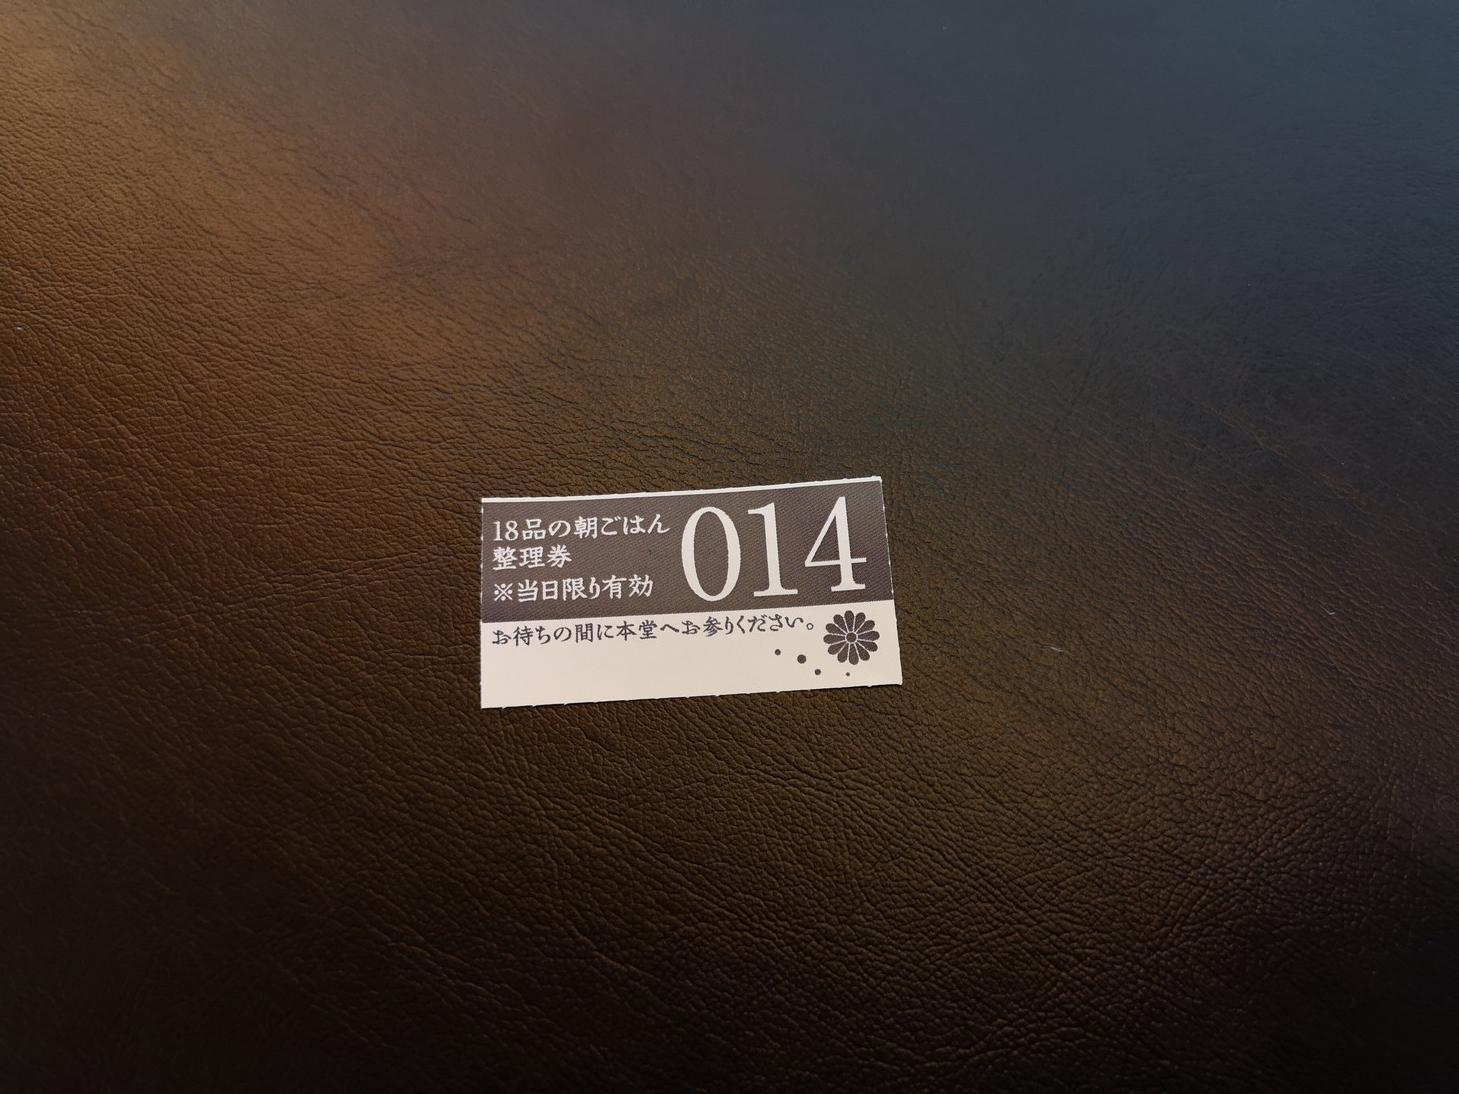 20190519_築地本願寺カフェTumugi (2)